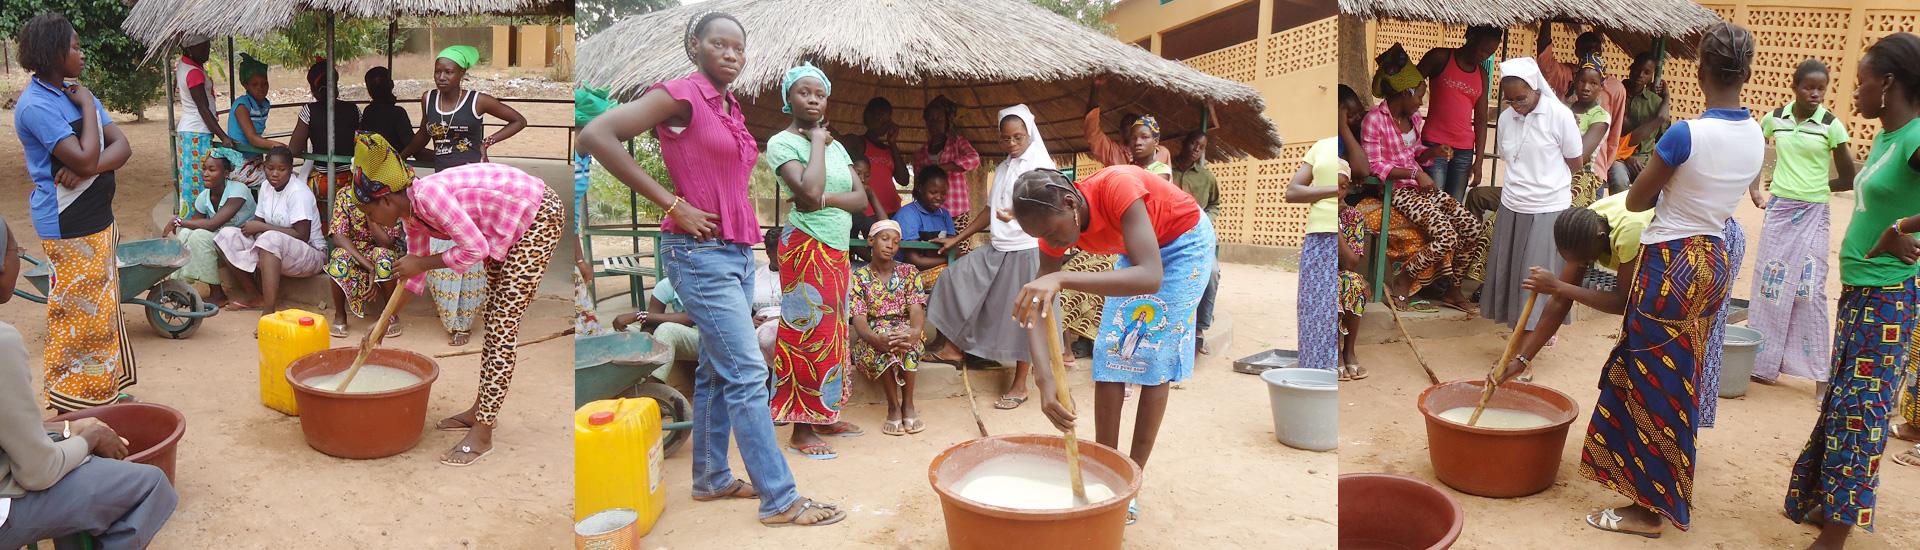 Proyecto 2509 - Jabones que mejoran la vida de las mujeres